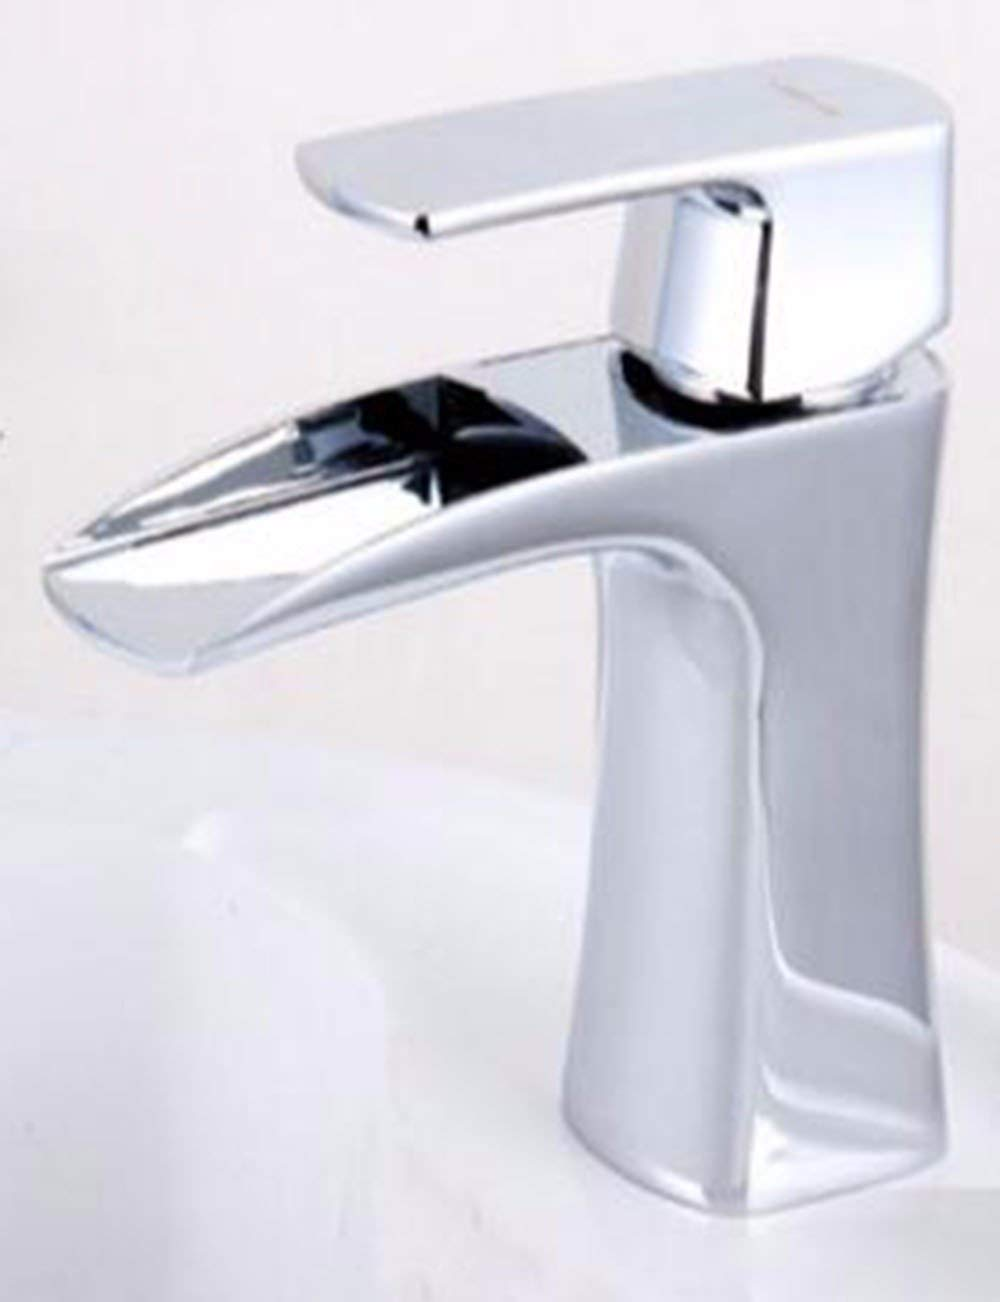 JingJingnet asinミキサータップathroomシンクの蛇口銅製の冷水タップ、洗面台の洗面化粧台のセラミックシンクの蛇口の表面は、タップから落ちる、 (Color : B) B07R2J3JY6 B